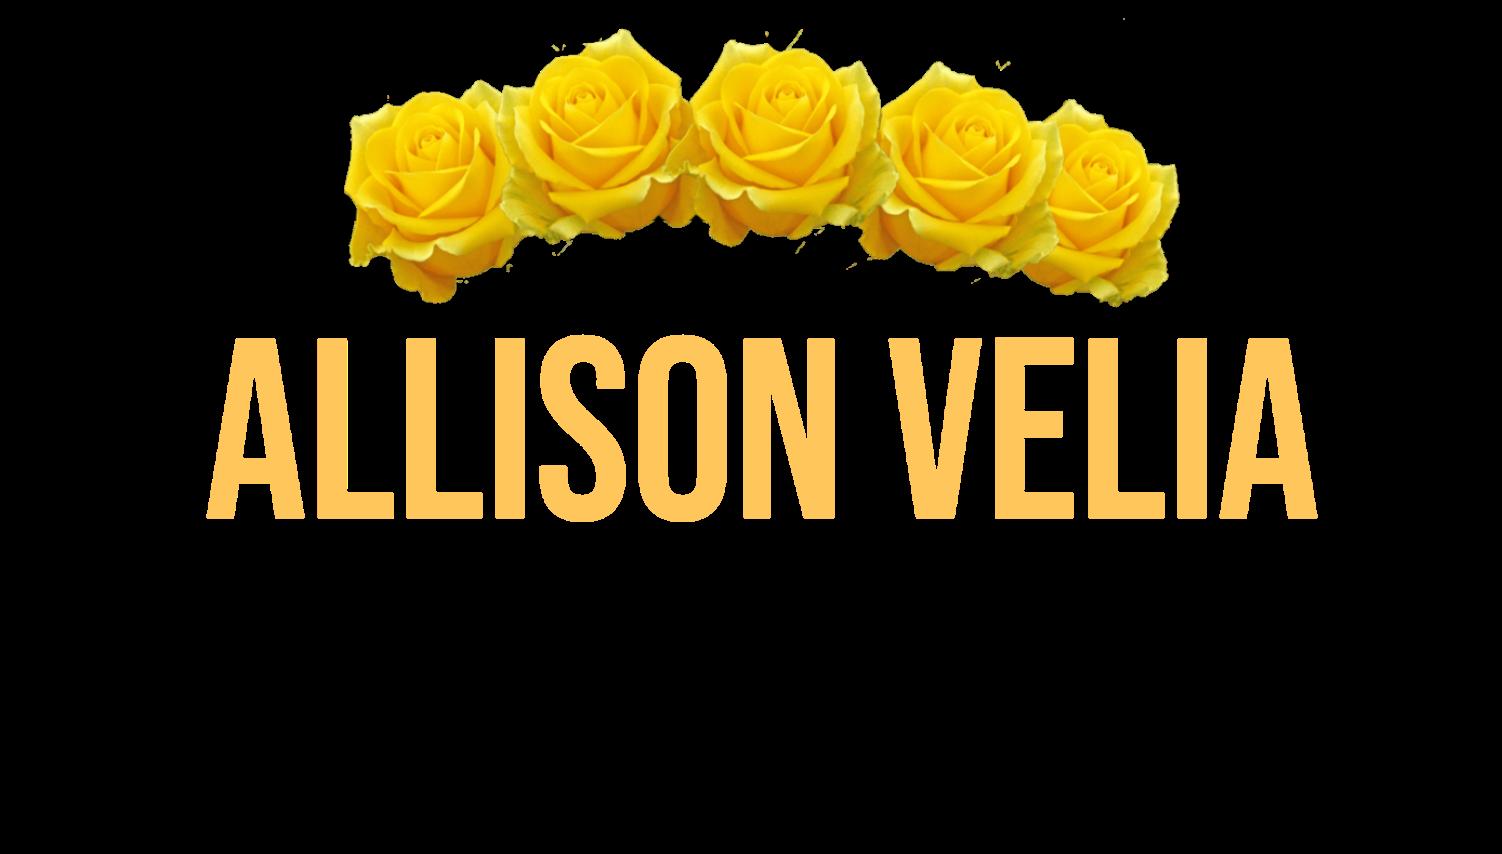 Allison Velia